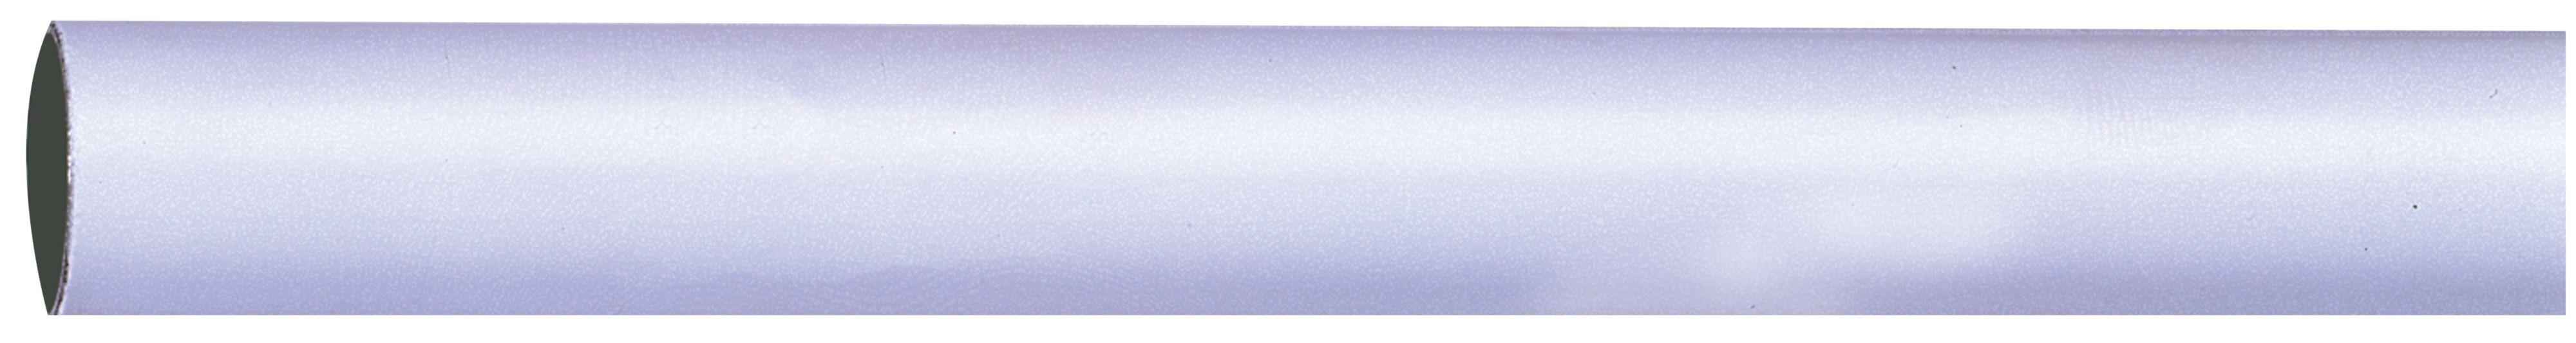 Colorail White Steel Round Tube (l)2.438m